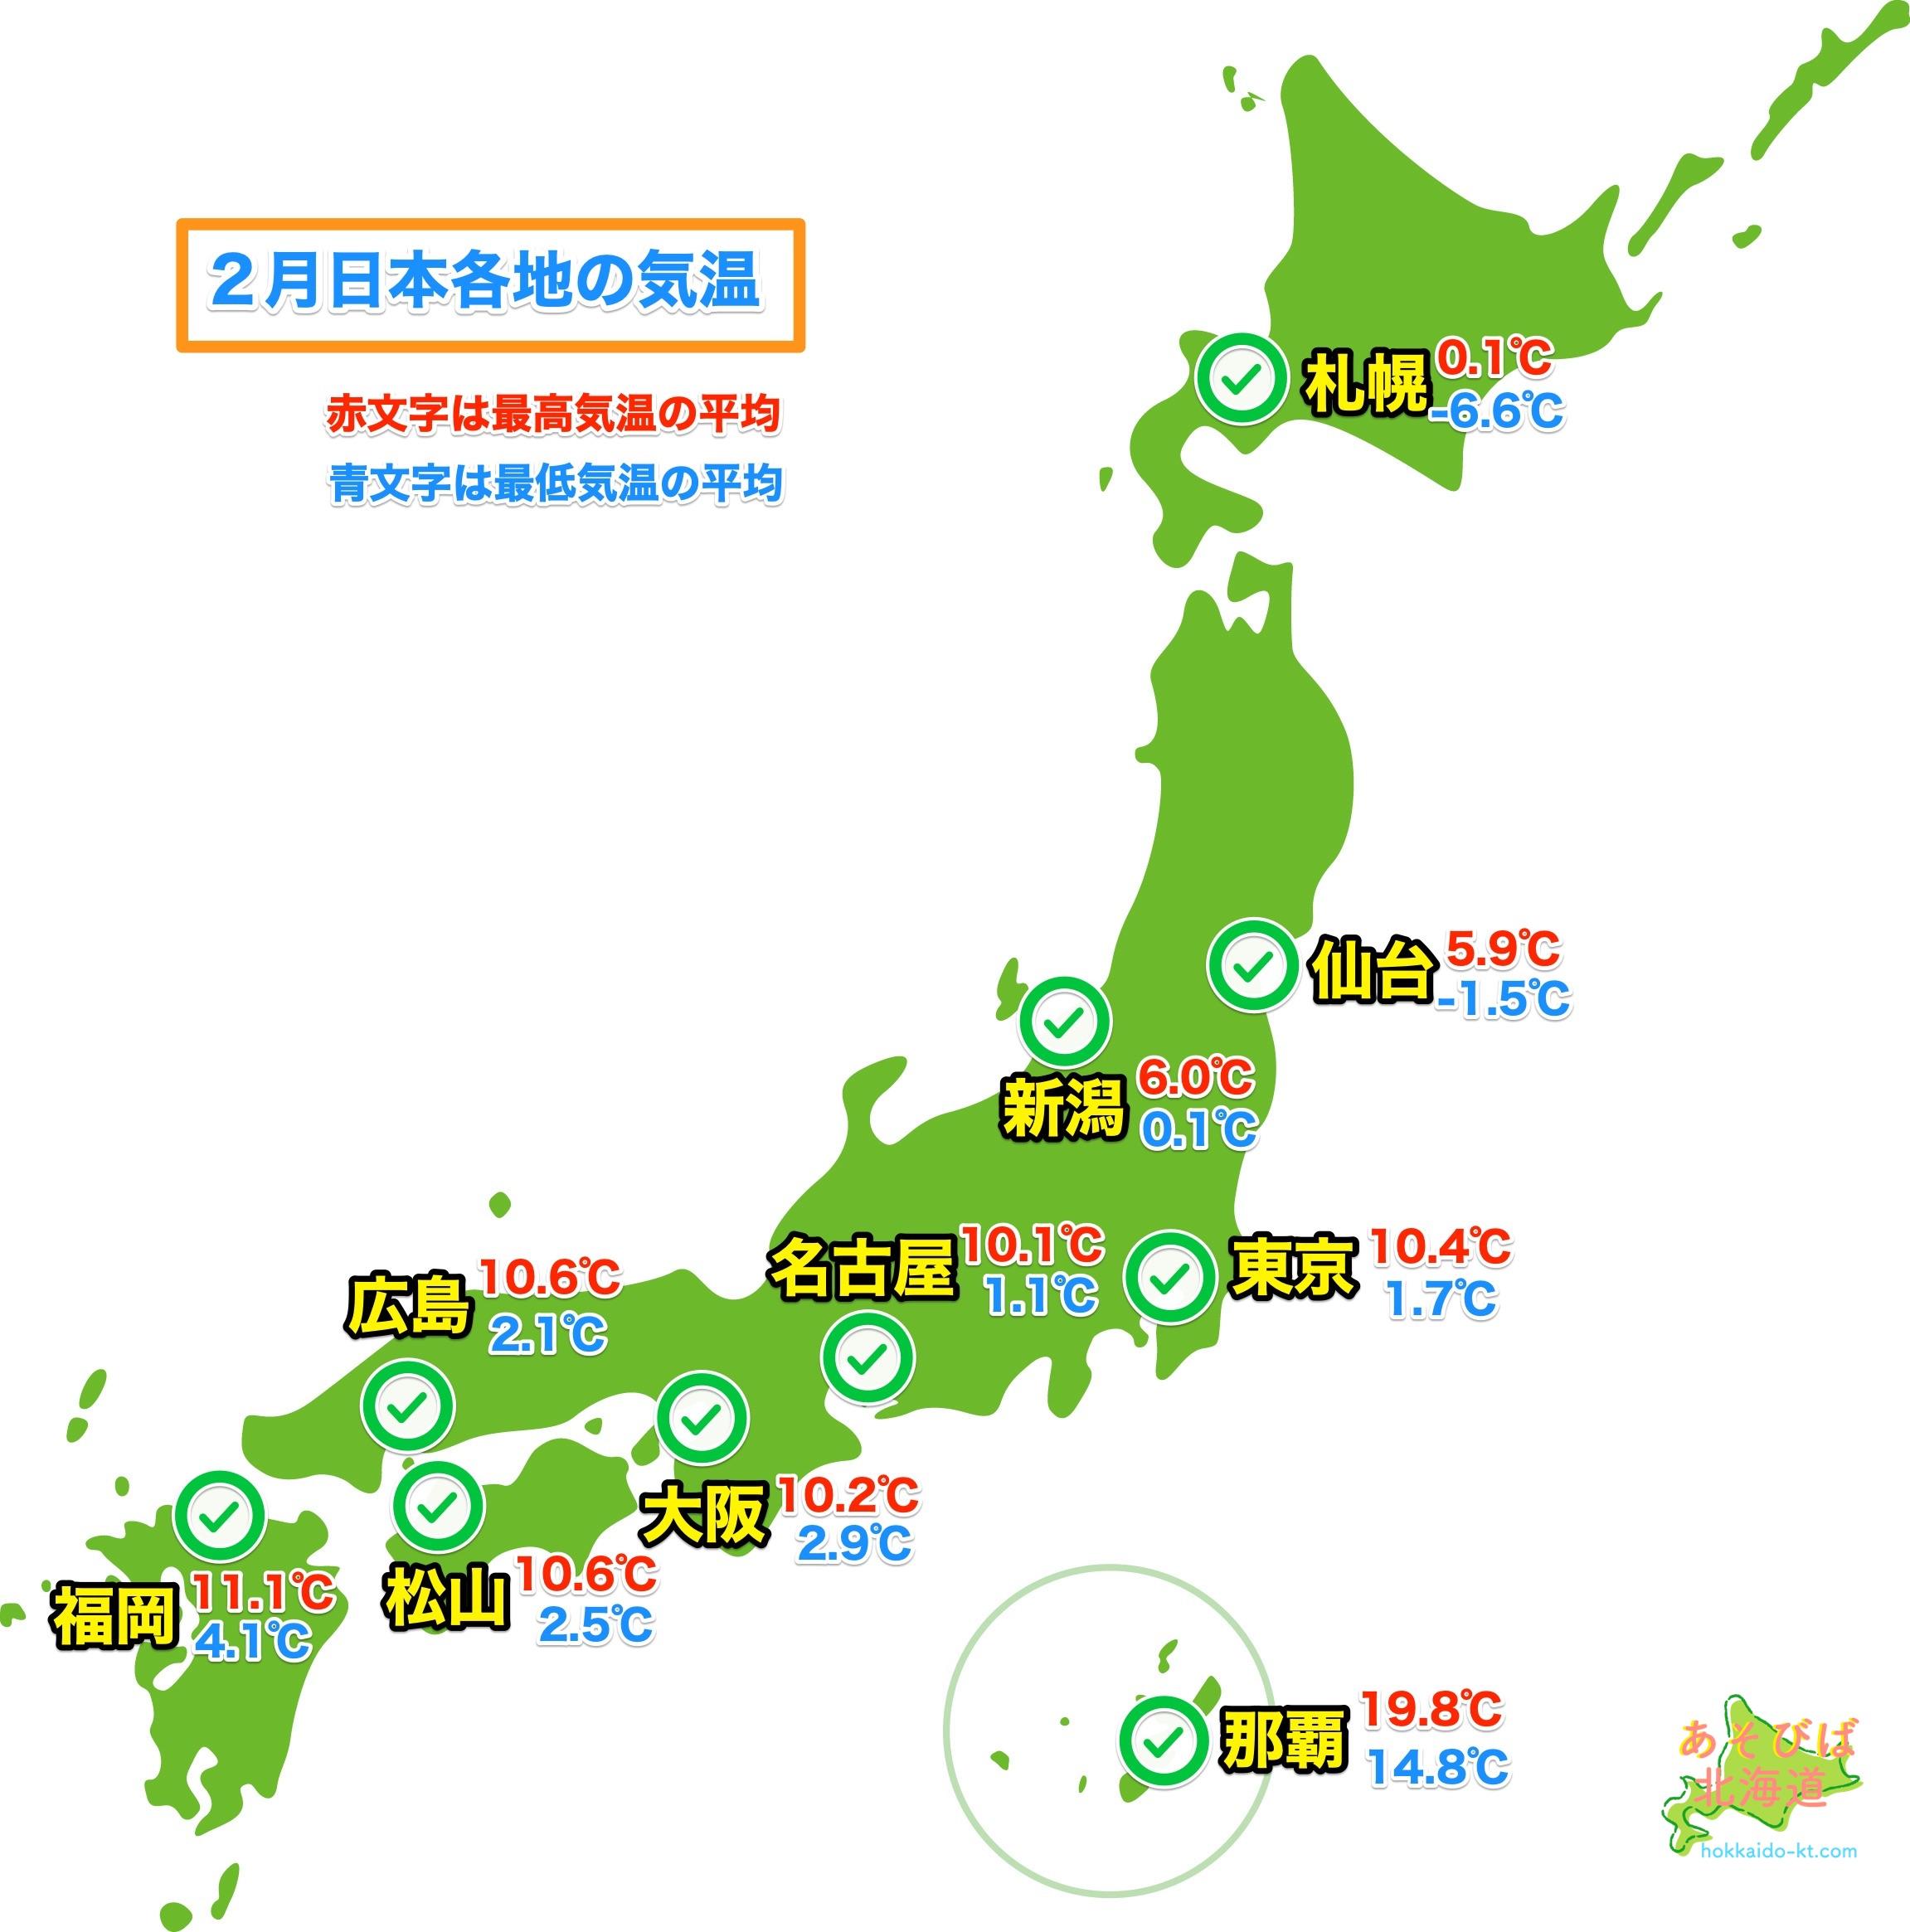 2月の日本各地の気温